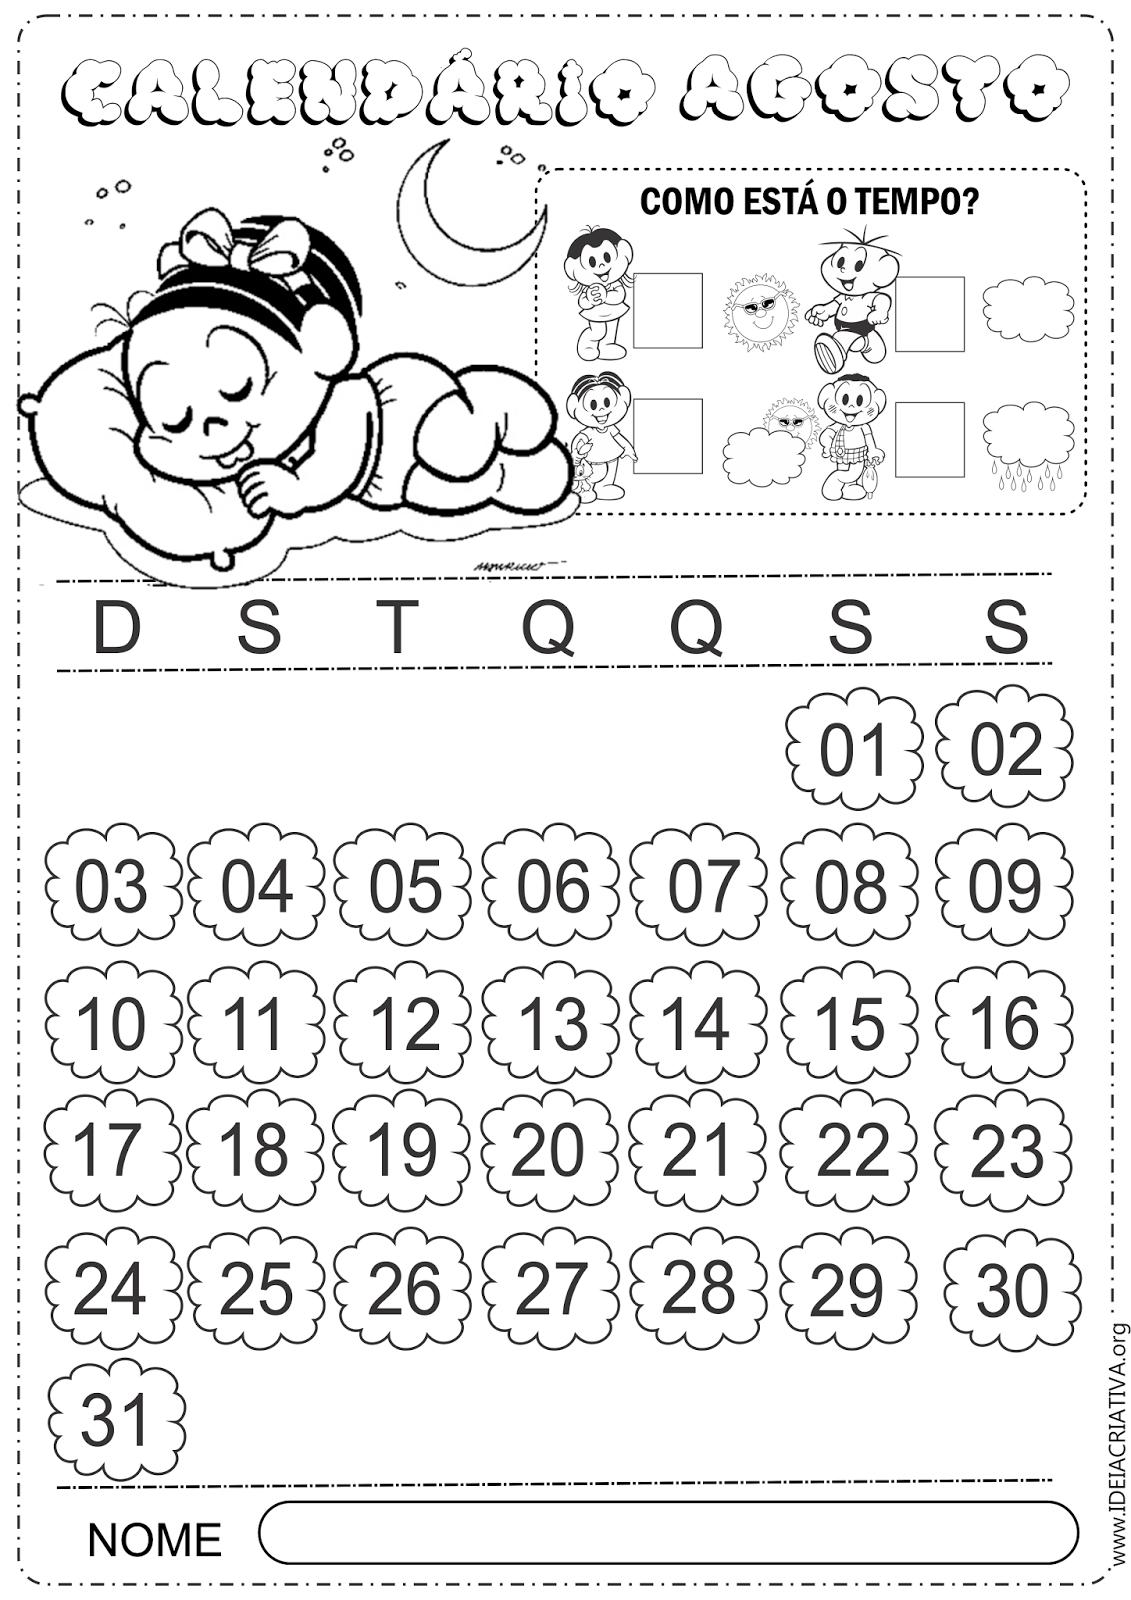 Calendário Agosto 2014 Turma Mônica Baby Colorir